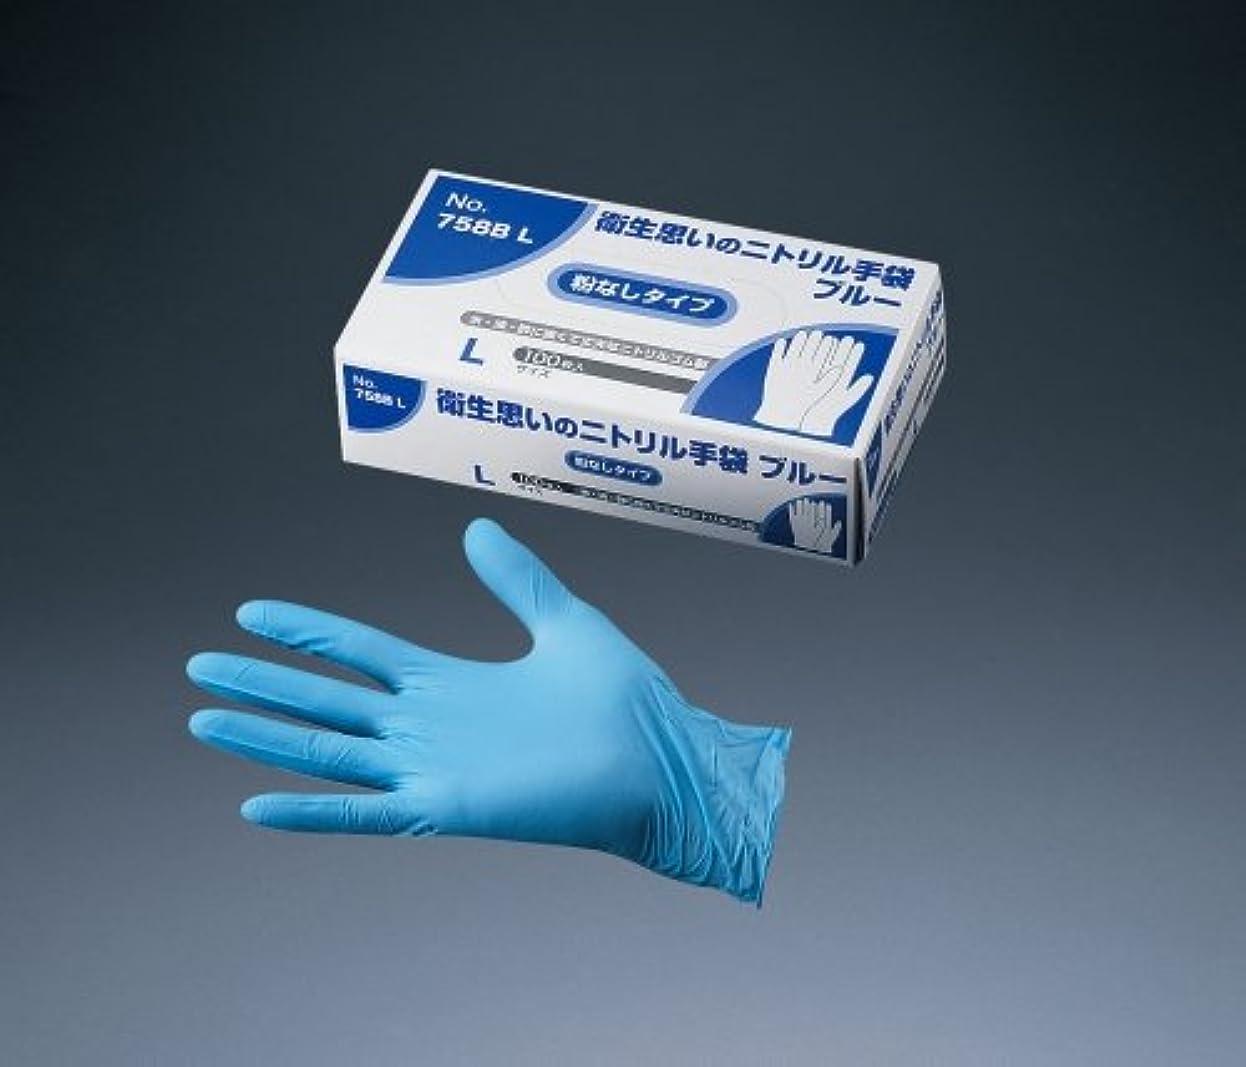 彫刻フィット有効なオカモト 手袋 衛生思いのニトリル(粉なし) NO.758 M ニトリルゴム ブルー STBF002